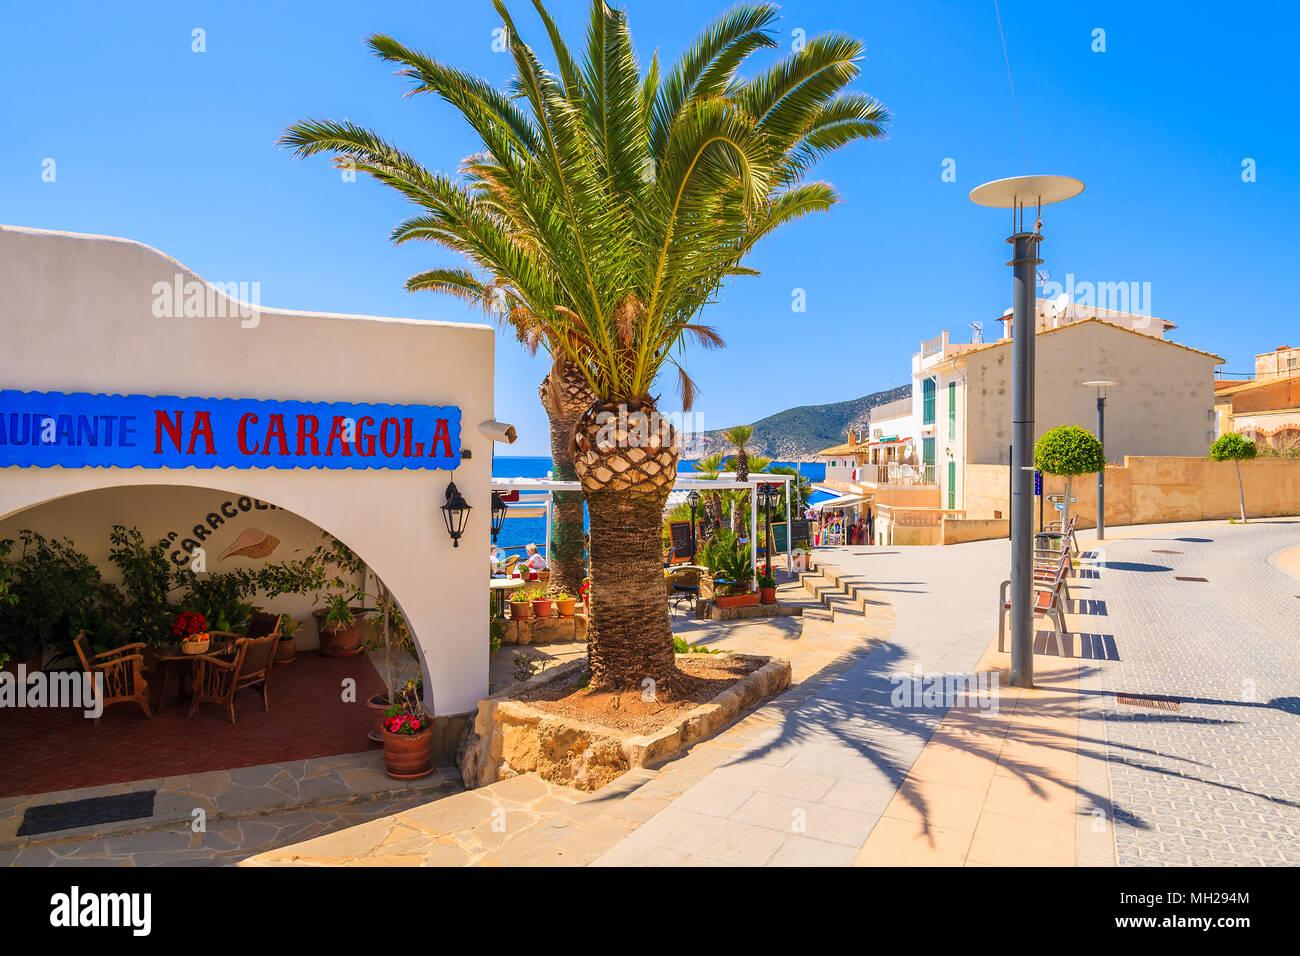 Insel Mallorca, SPANIEN - 18.April 2013: Typisches Restaurant in kleinen Stadt Sant Elm an sonnigen schönen Tag. Diese spanische Insel ist am meisten von der Tour besucht. Stockbild